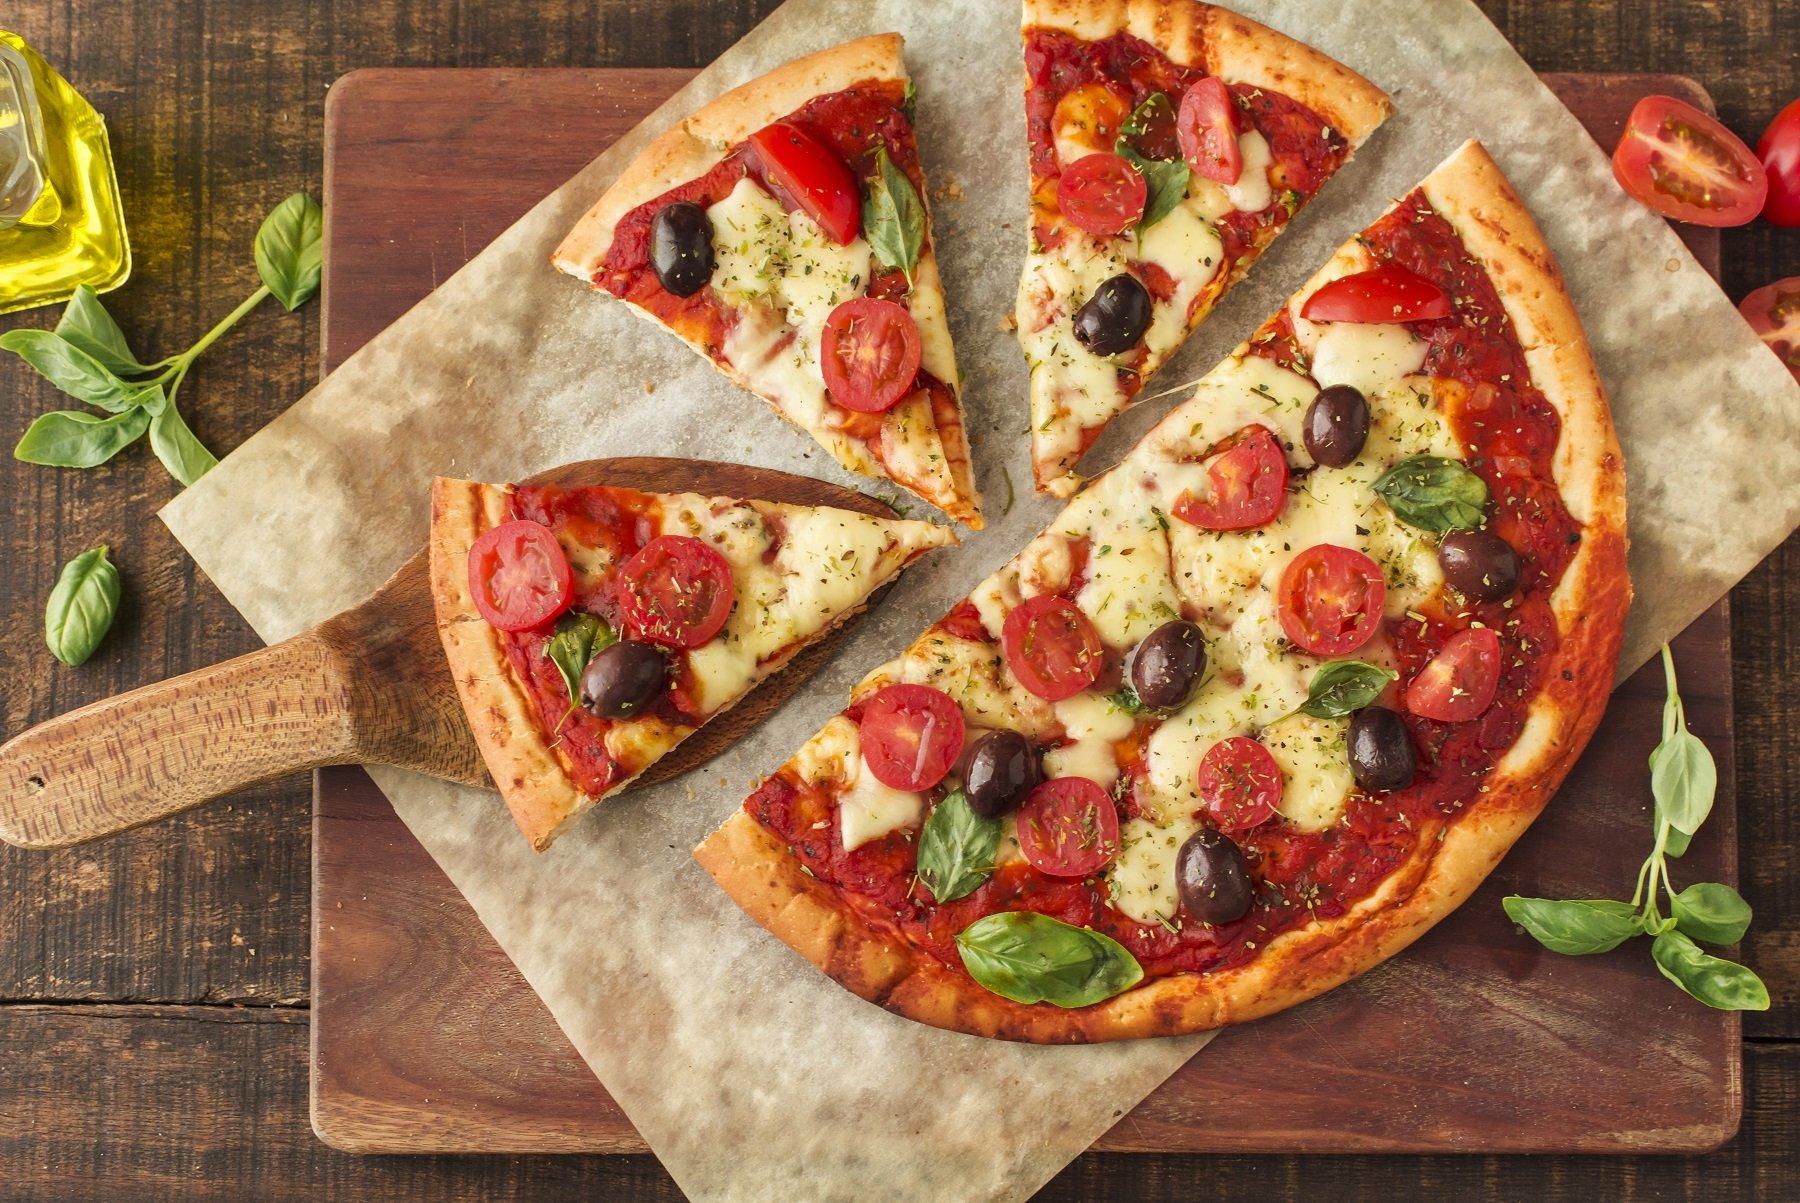 različite pizze i mnoga ukusna jela za bezbrižno šoping u Supernova Colosseum